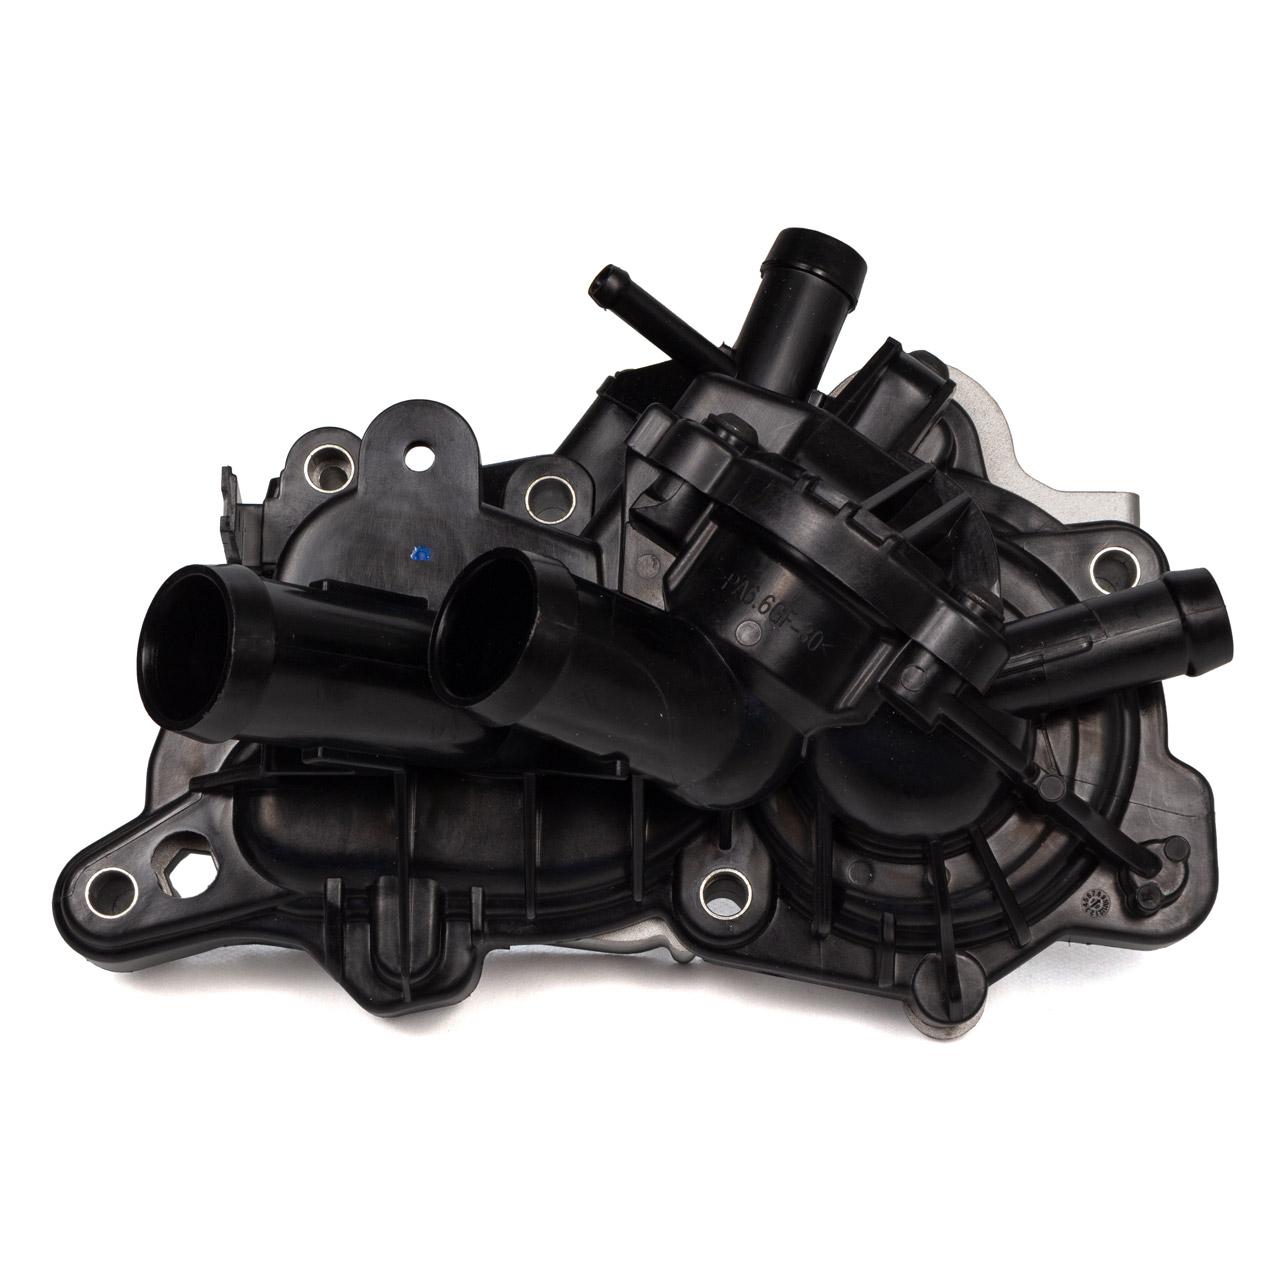 GEBA 10635/1 Wasserpumpe + Dichtung AUDI A1 A3 A4 SEAT SKODA VW Golf 6 1.0-1.4 04E121600CB